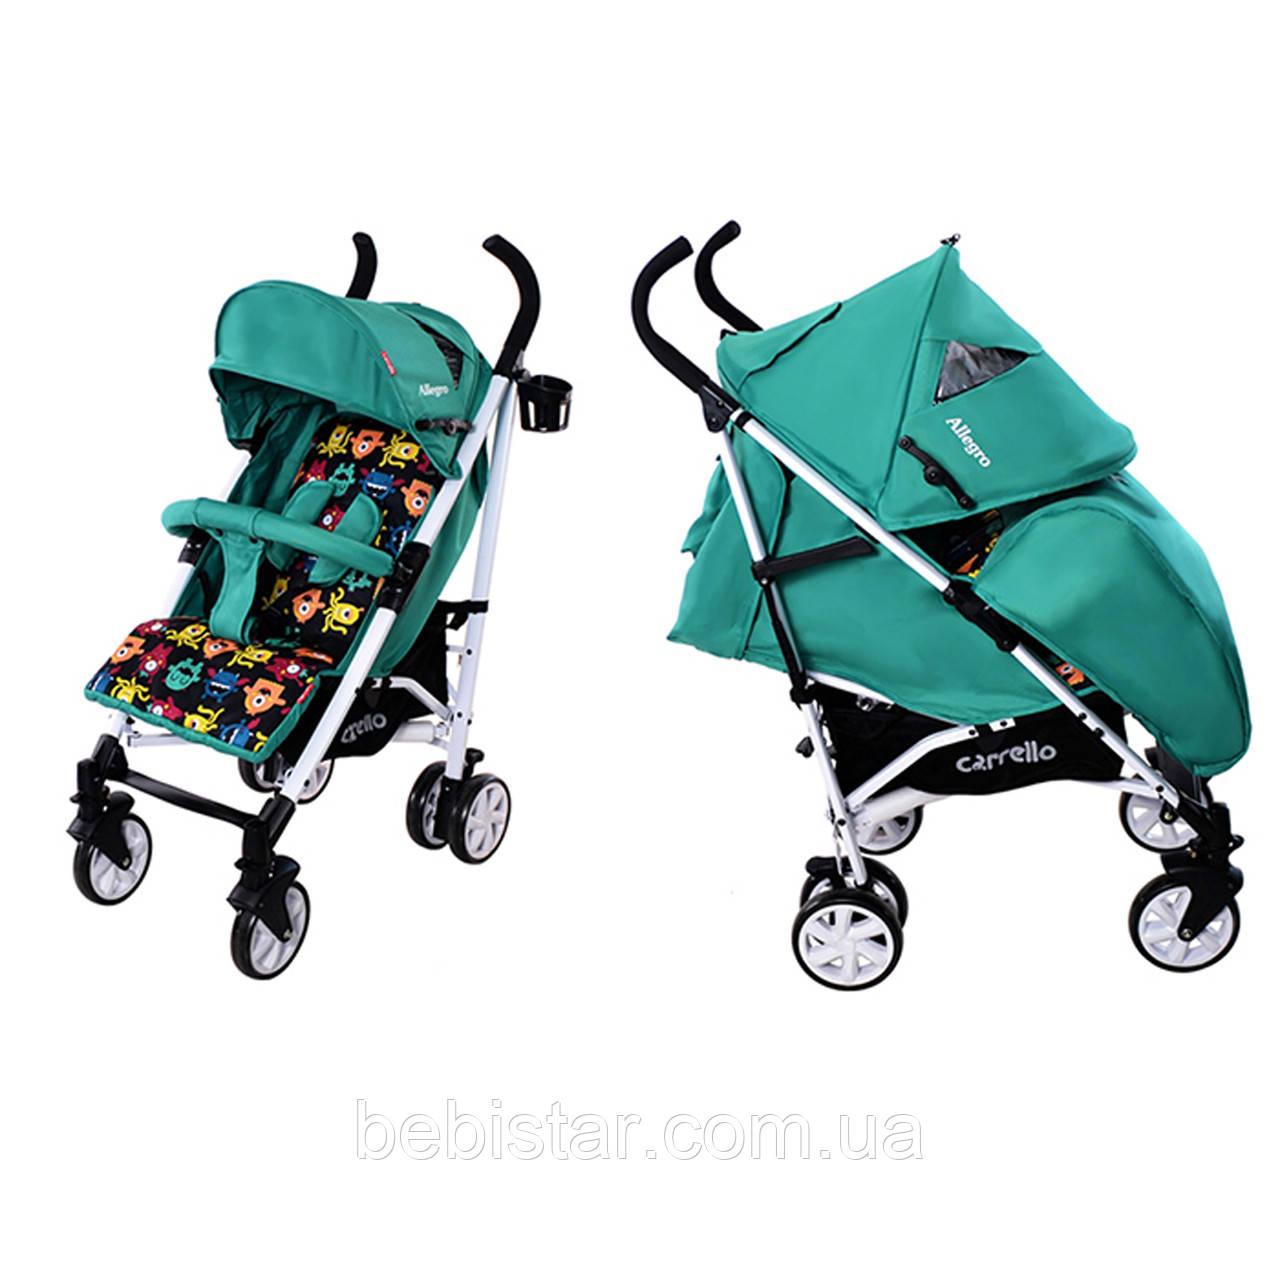 Детская коляска-трость CARRELLO Allegro CRL-10101 Green